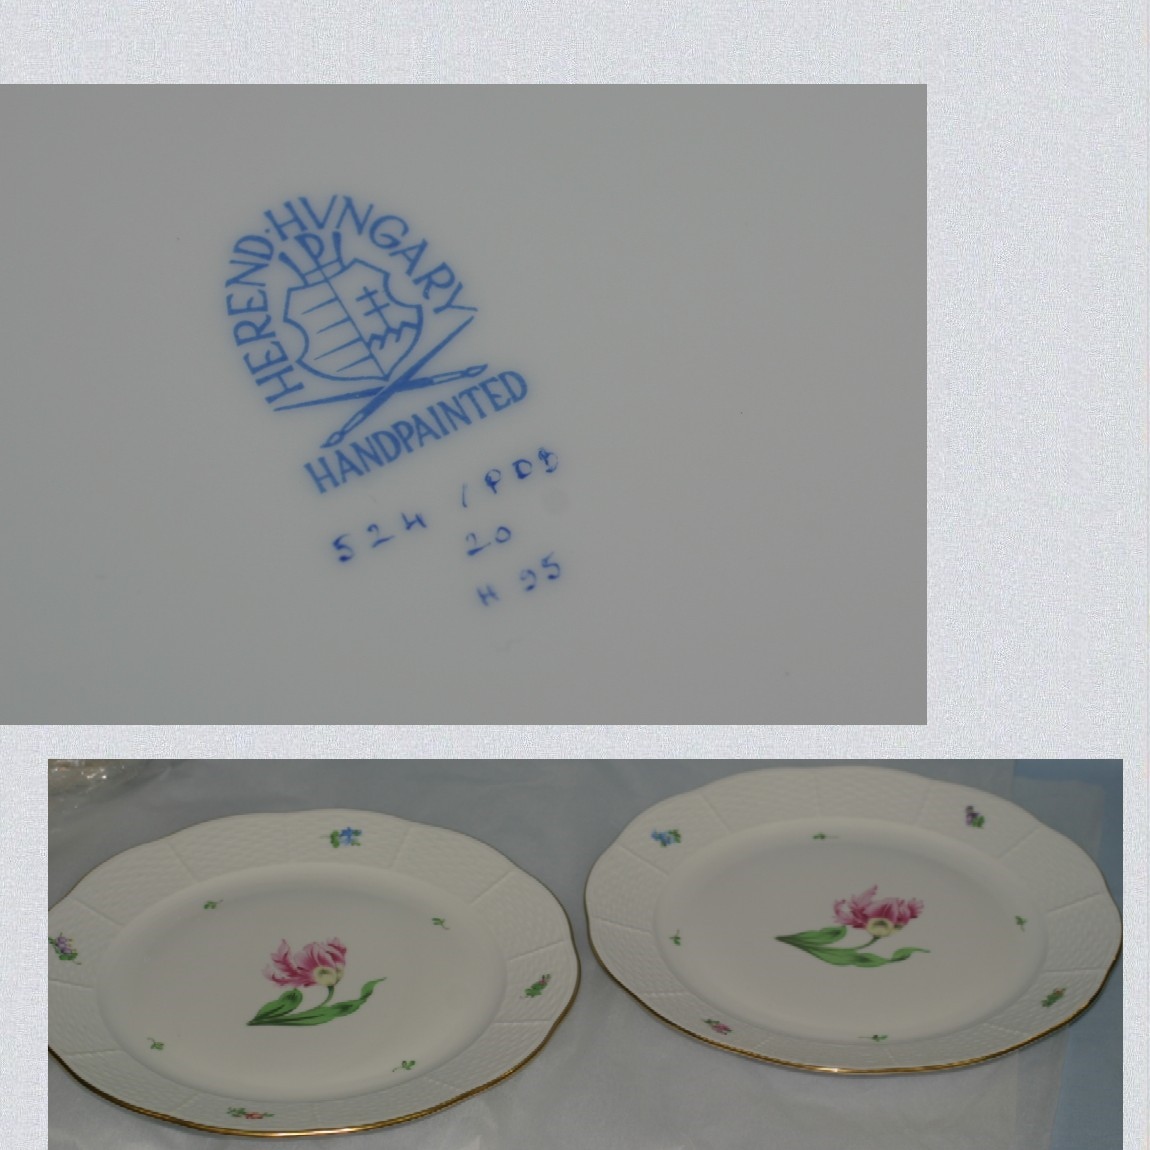 【中古】新品未使用へレンドハンガリー製可愛いチューリップの絵柄ハンドメイドの直径25,5センチの皿2枚セットバコニーの春